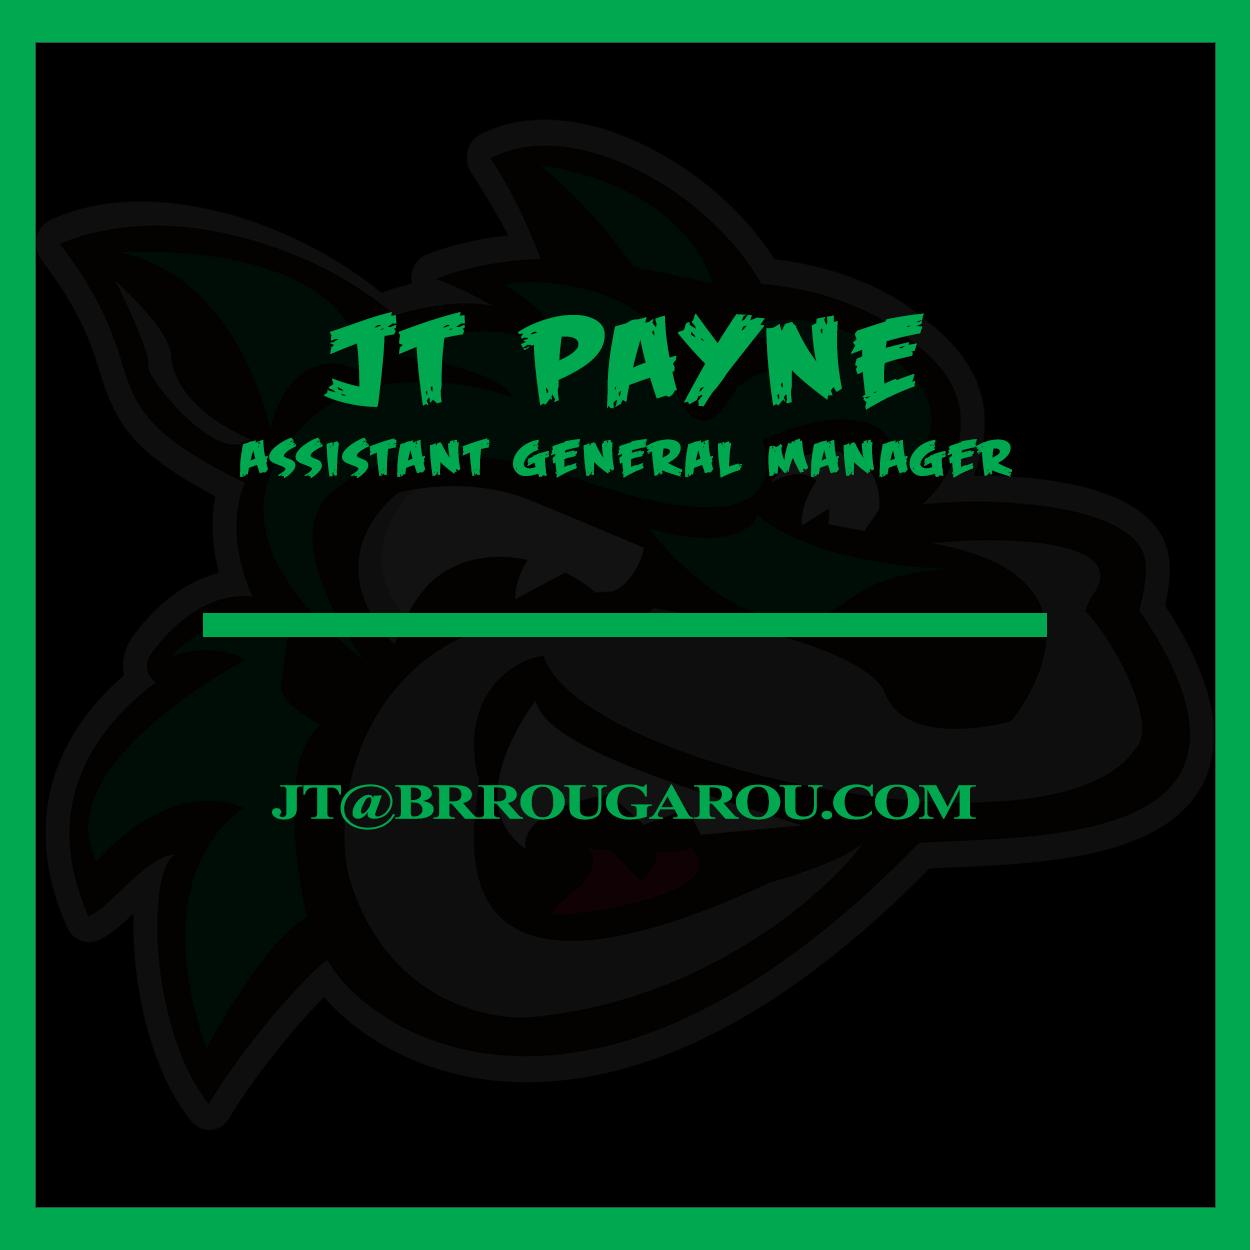 JT Payne